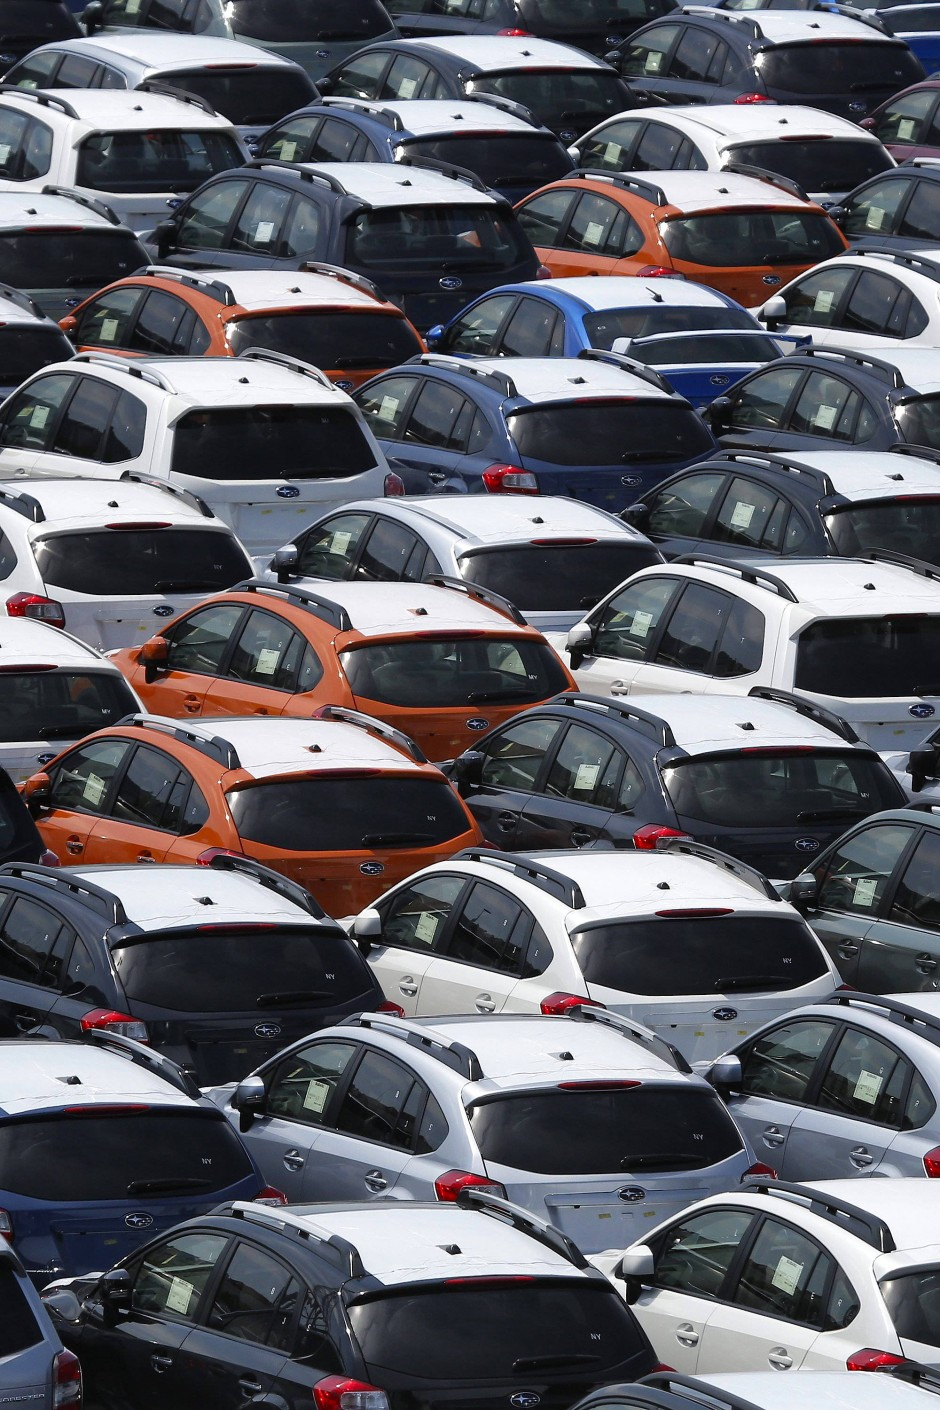 Der Traum von Auto: für Ramona sollte es ein Gefährt der Marke Subaru sein.